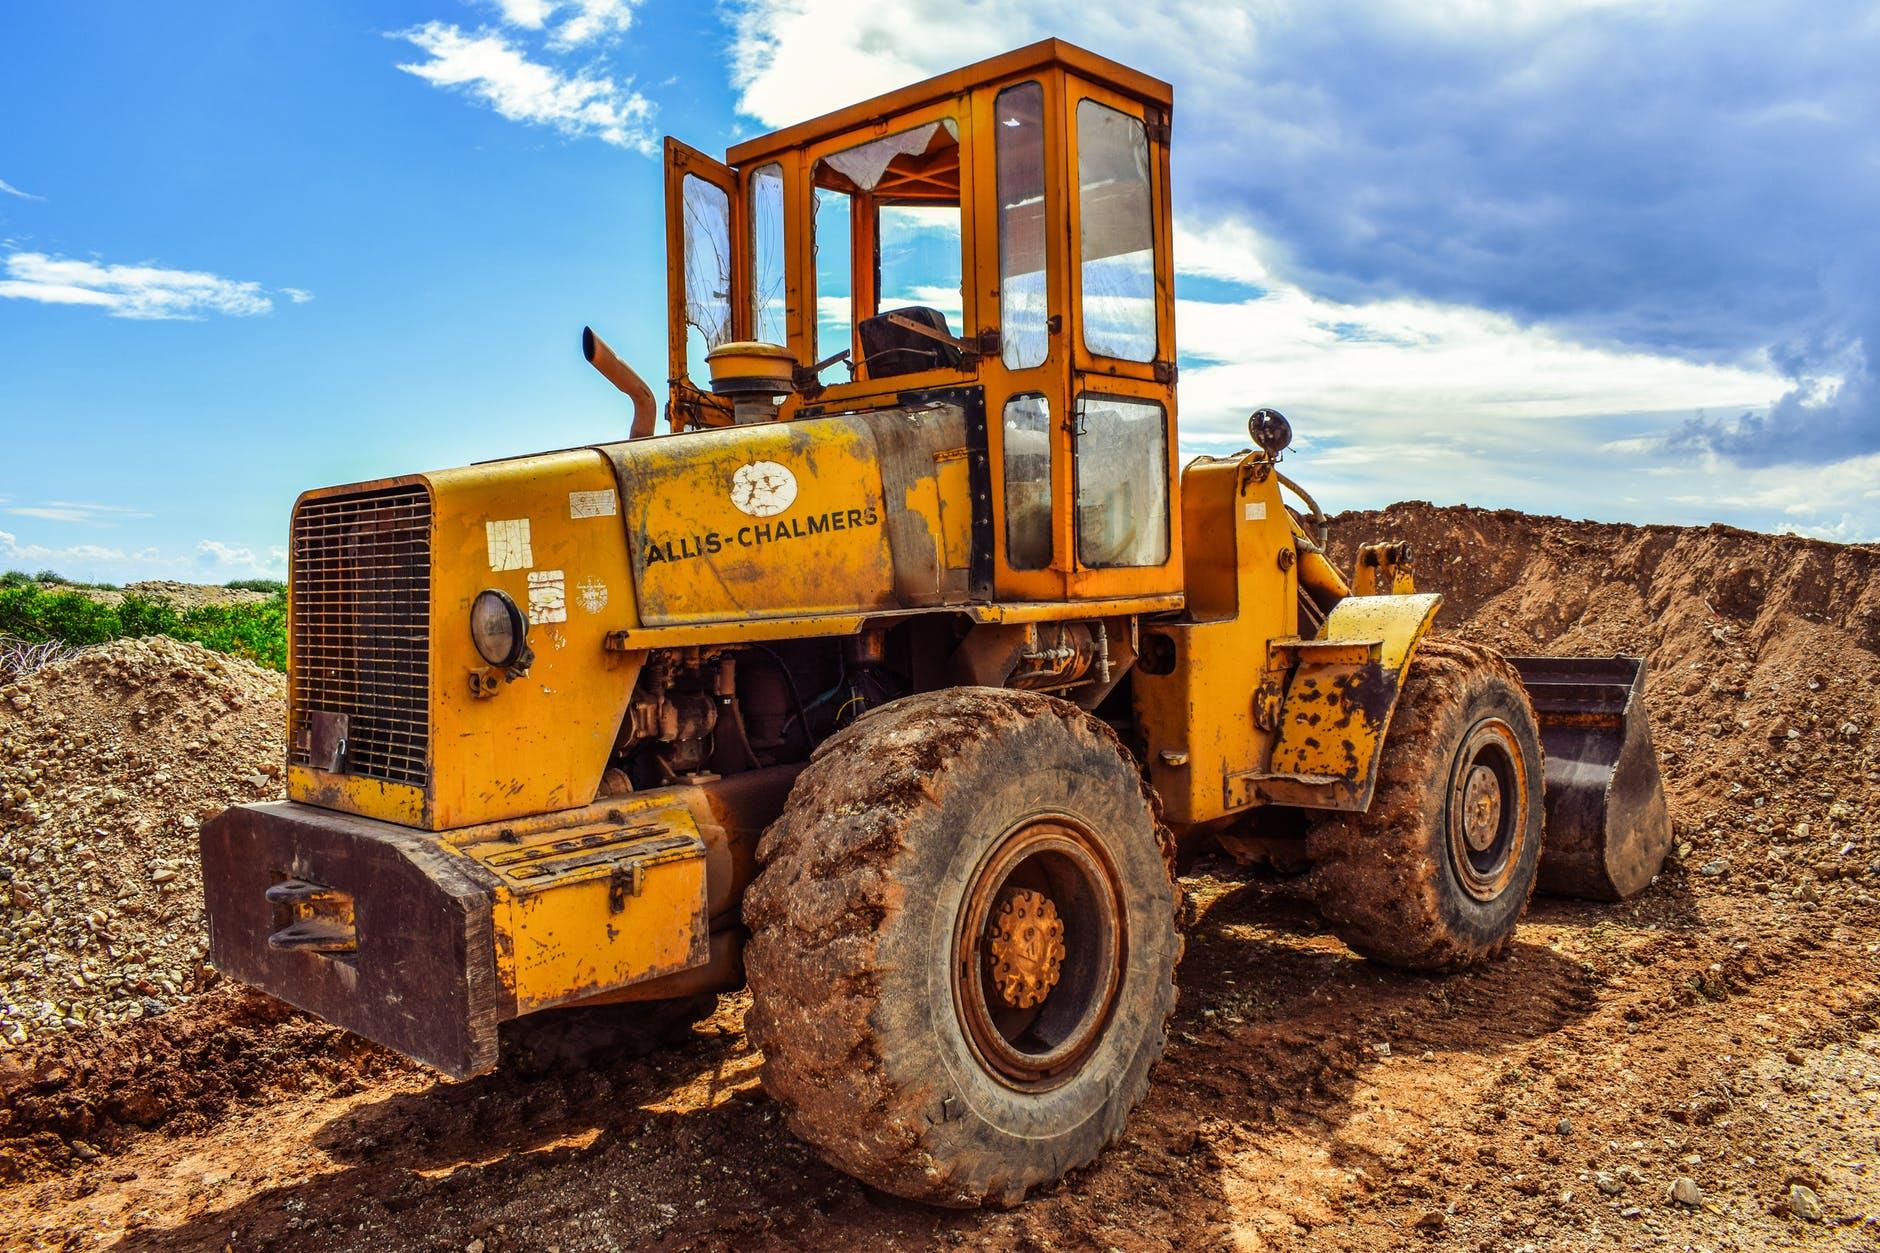 bulldozer engine equipment heavy